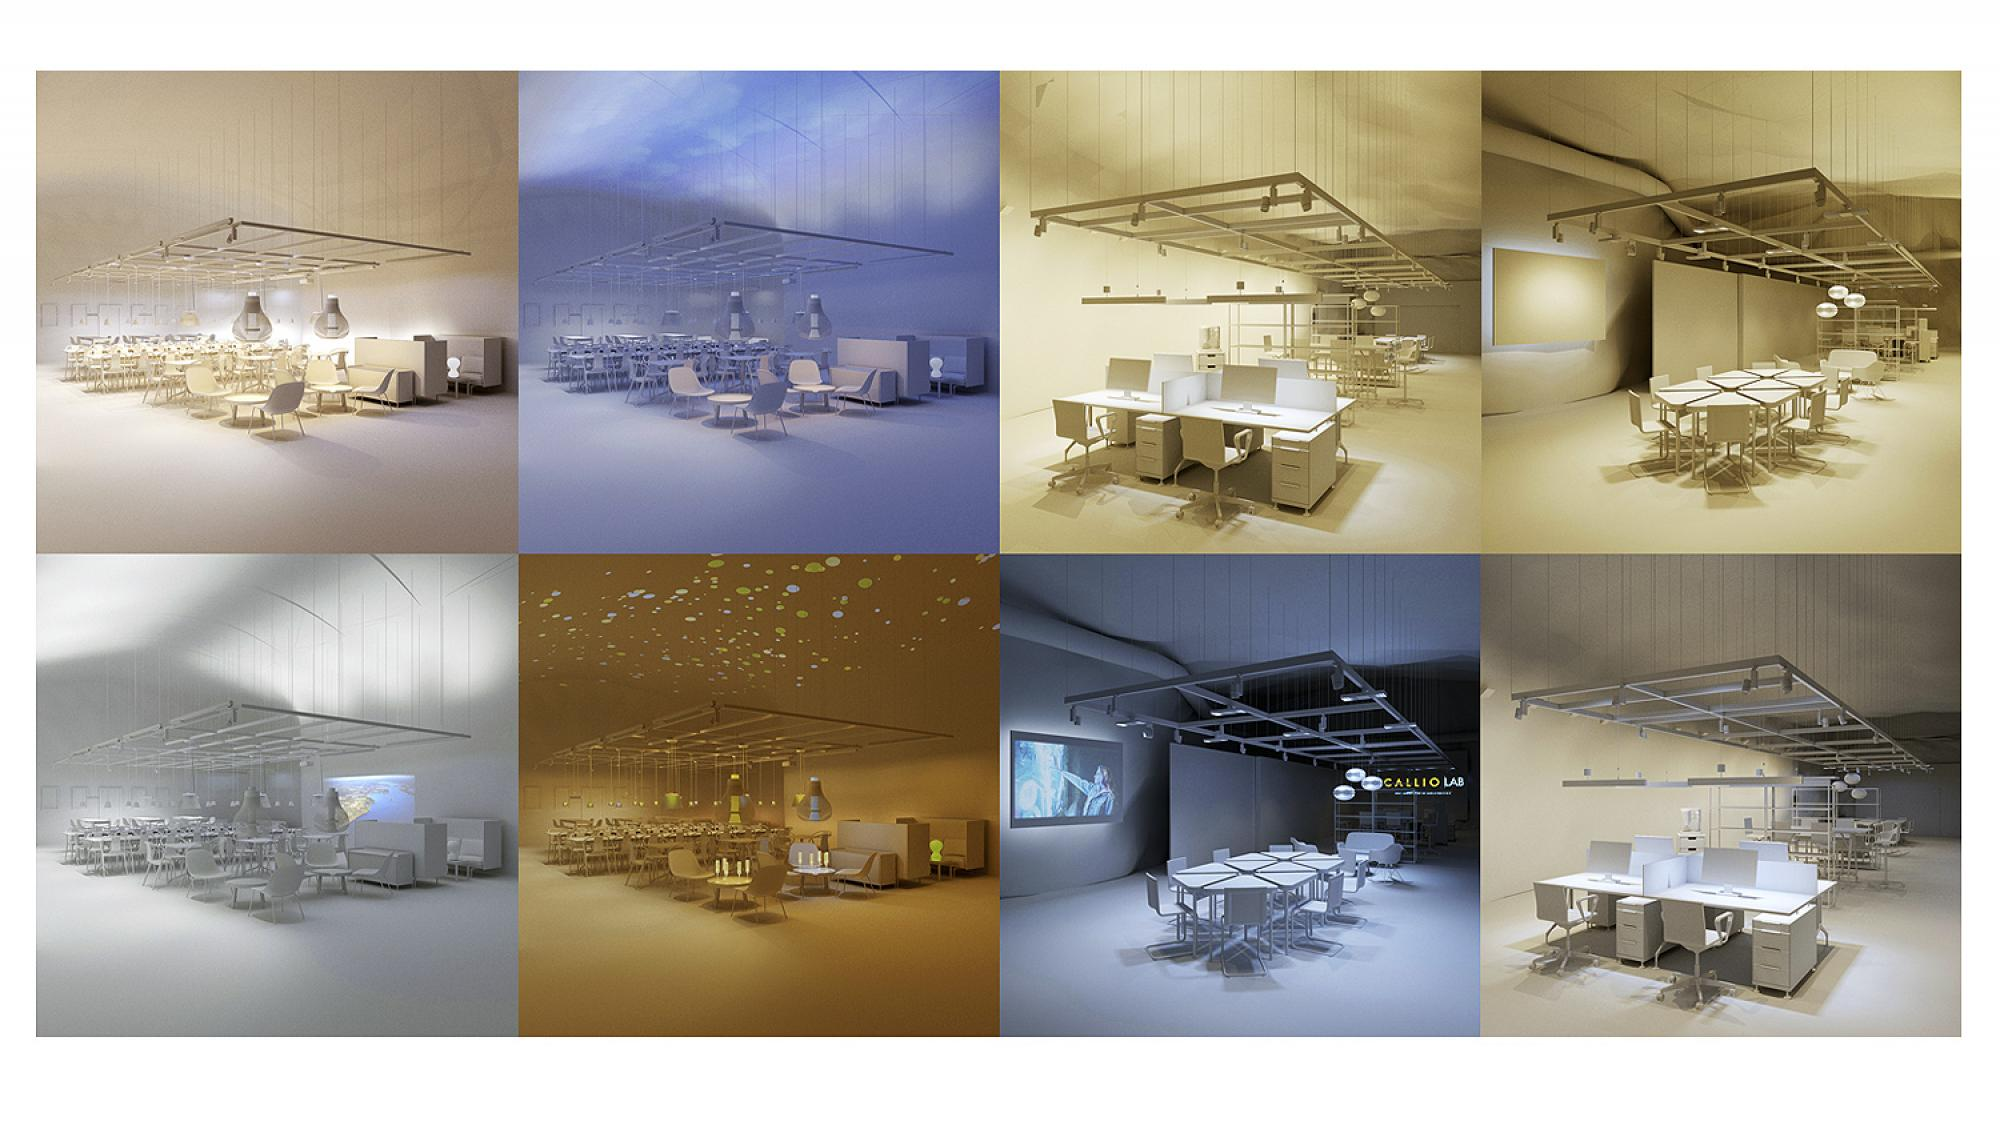 Kuvia työtilojen valaistuksista Mia Pujolin voittajatyöstä.